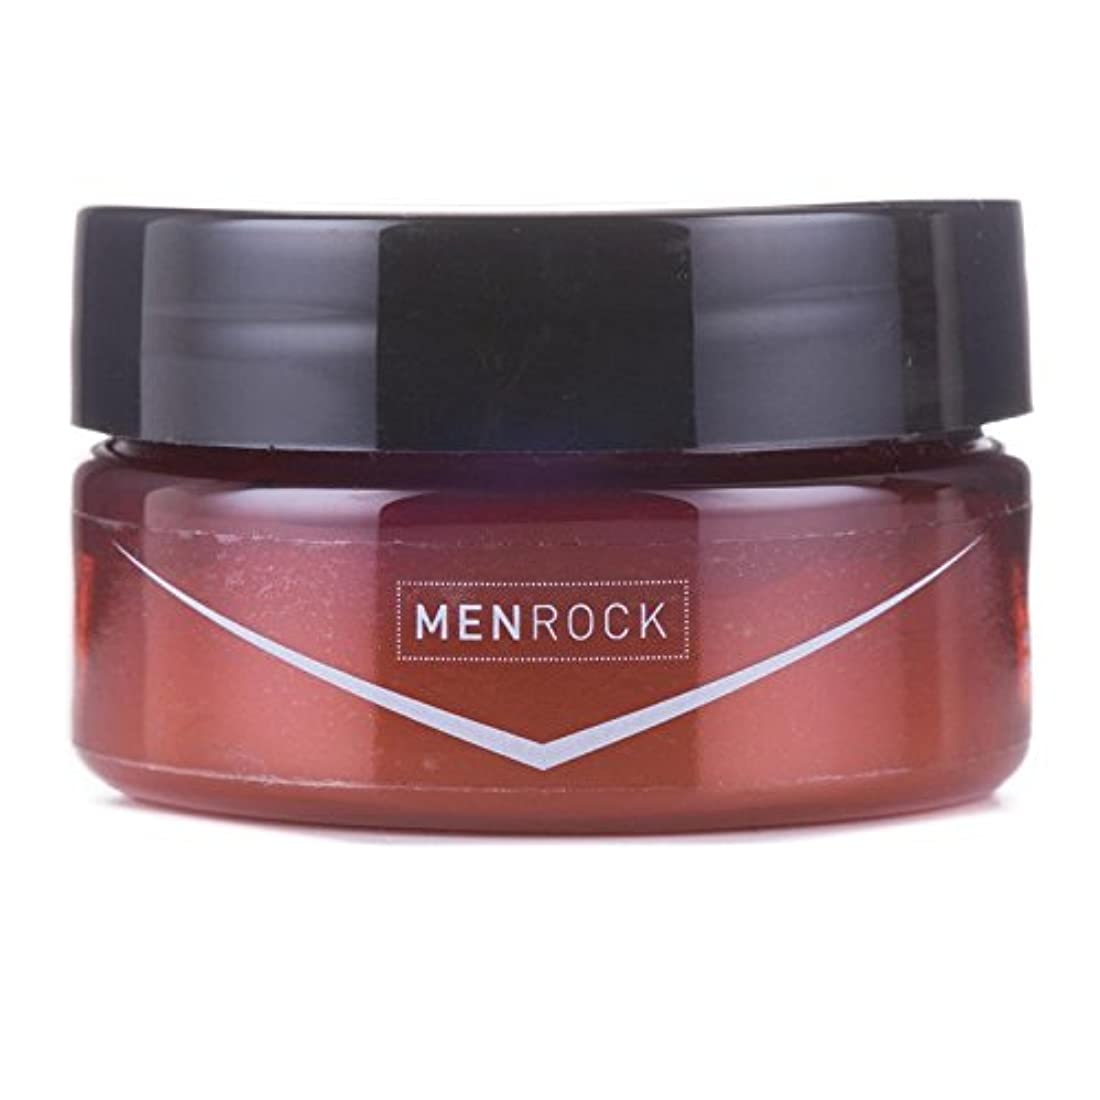 今後シンプルさ警察署男性の岩白檀口ひげワックス x2 - Men Rock Sandalwood Moustache Wax (Pack of 2) [並行輸入品]